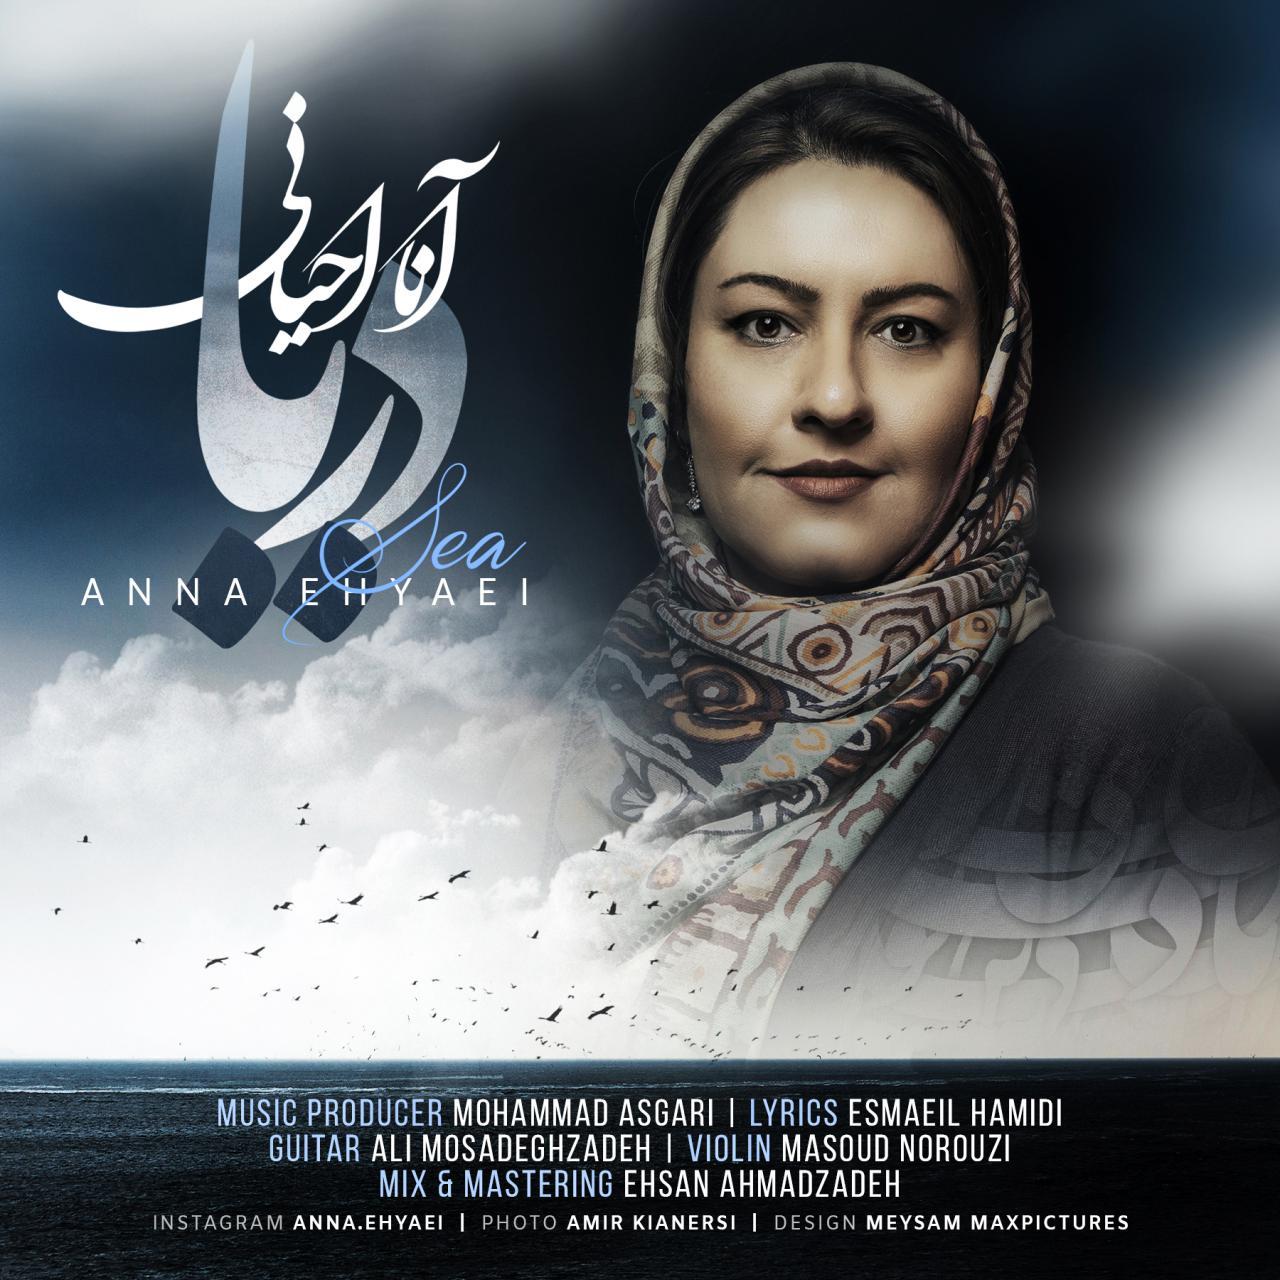 Anna Ehyaei – Darya